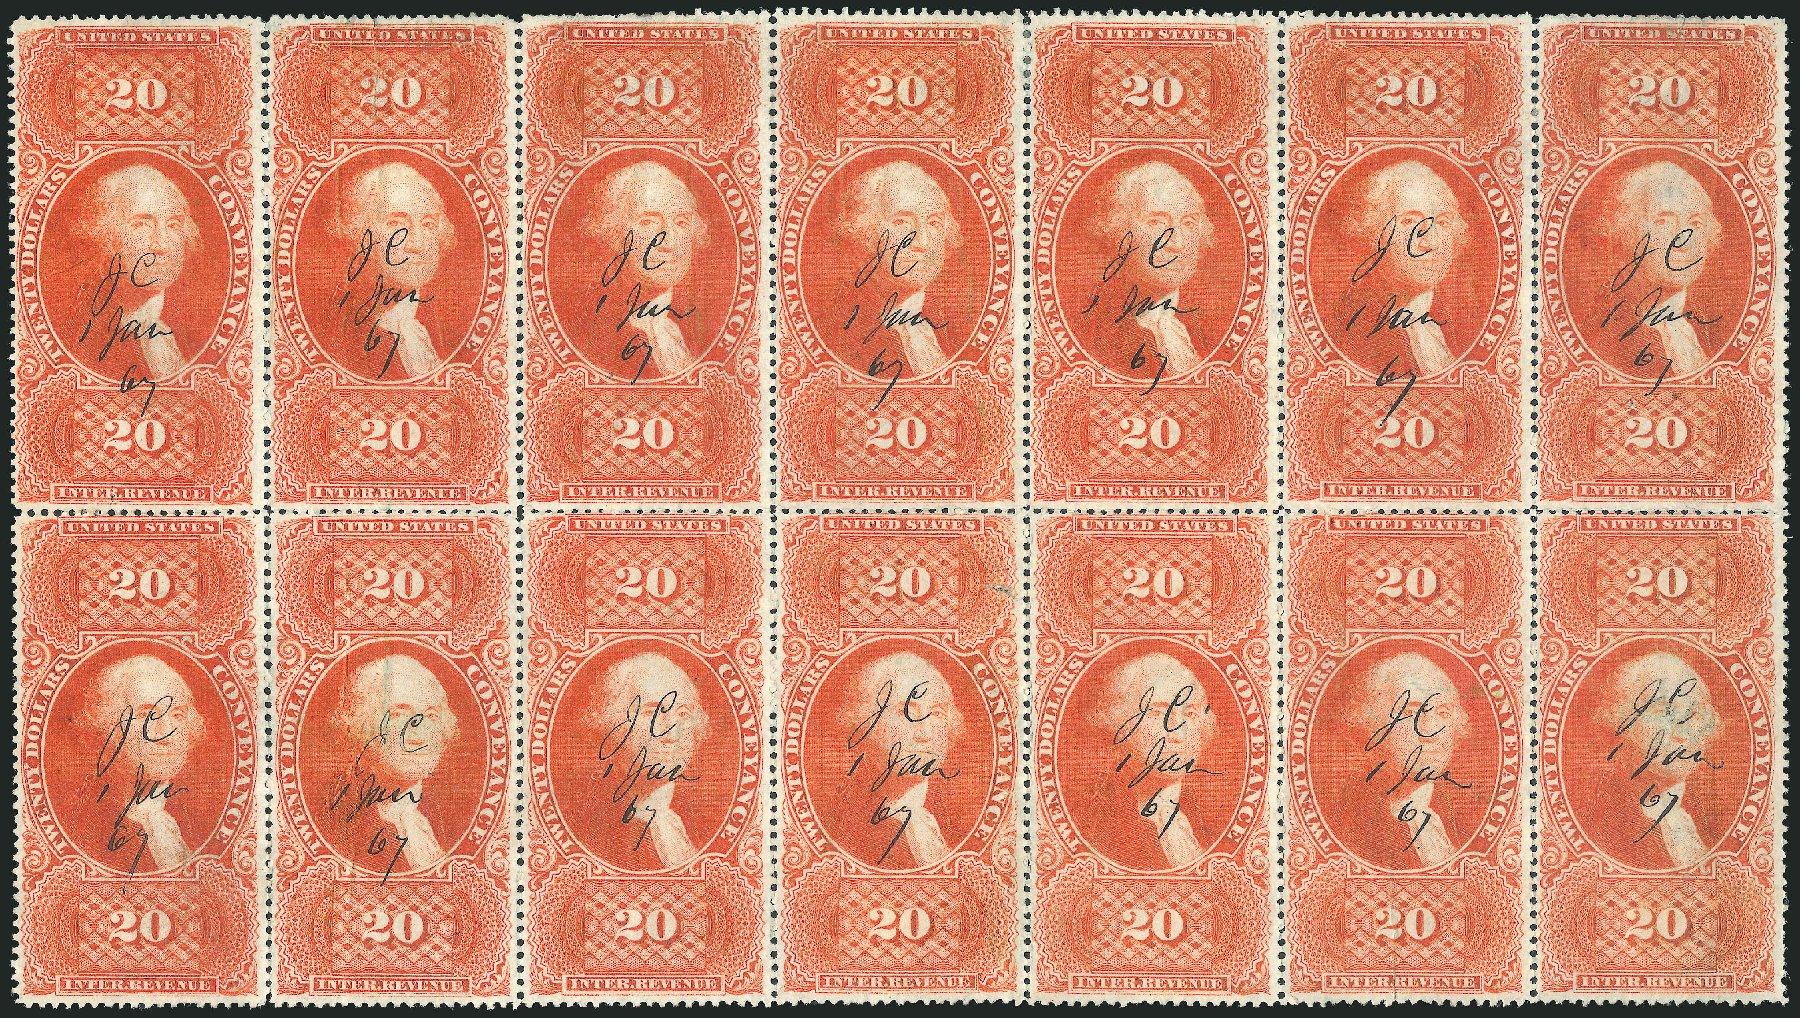 US Stamp Value Scott Cat. R98: US$20.00 1862 Revenue Conveyance. Robert Siegel Auction Galleries, Dec 2014, Sale 1089, Lot 447